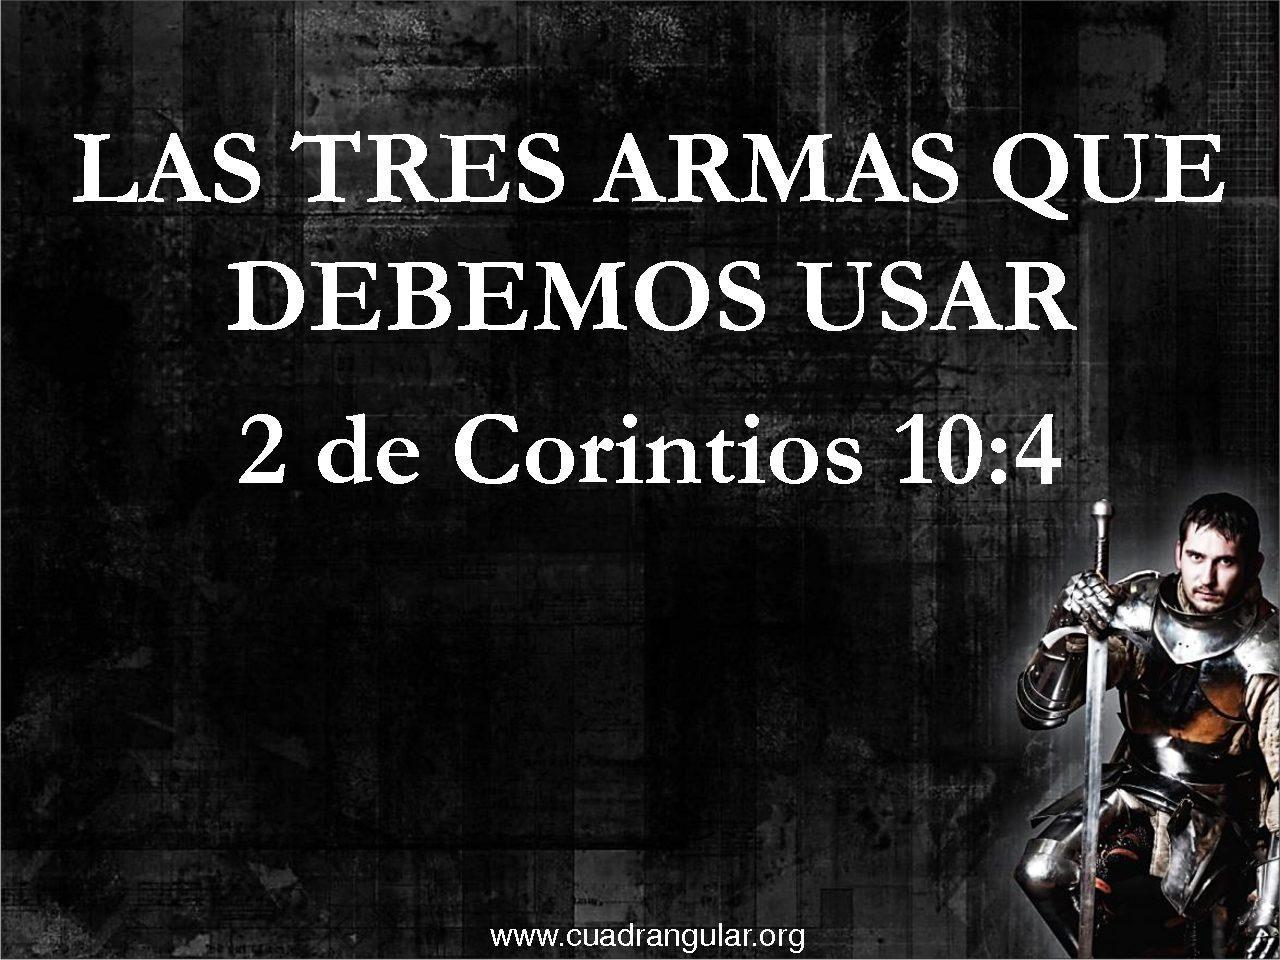 Nuestras armas son poderosas en Dios